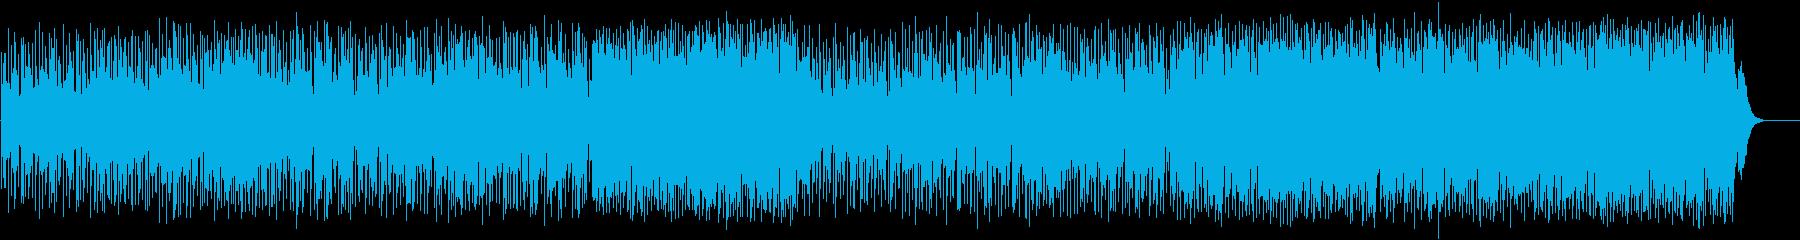 ほのぼのと優しいポップ(フルサイズ)の再生済みの波形